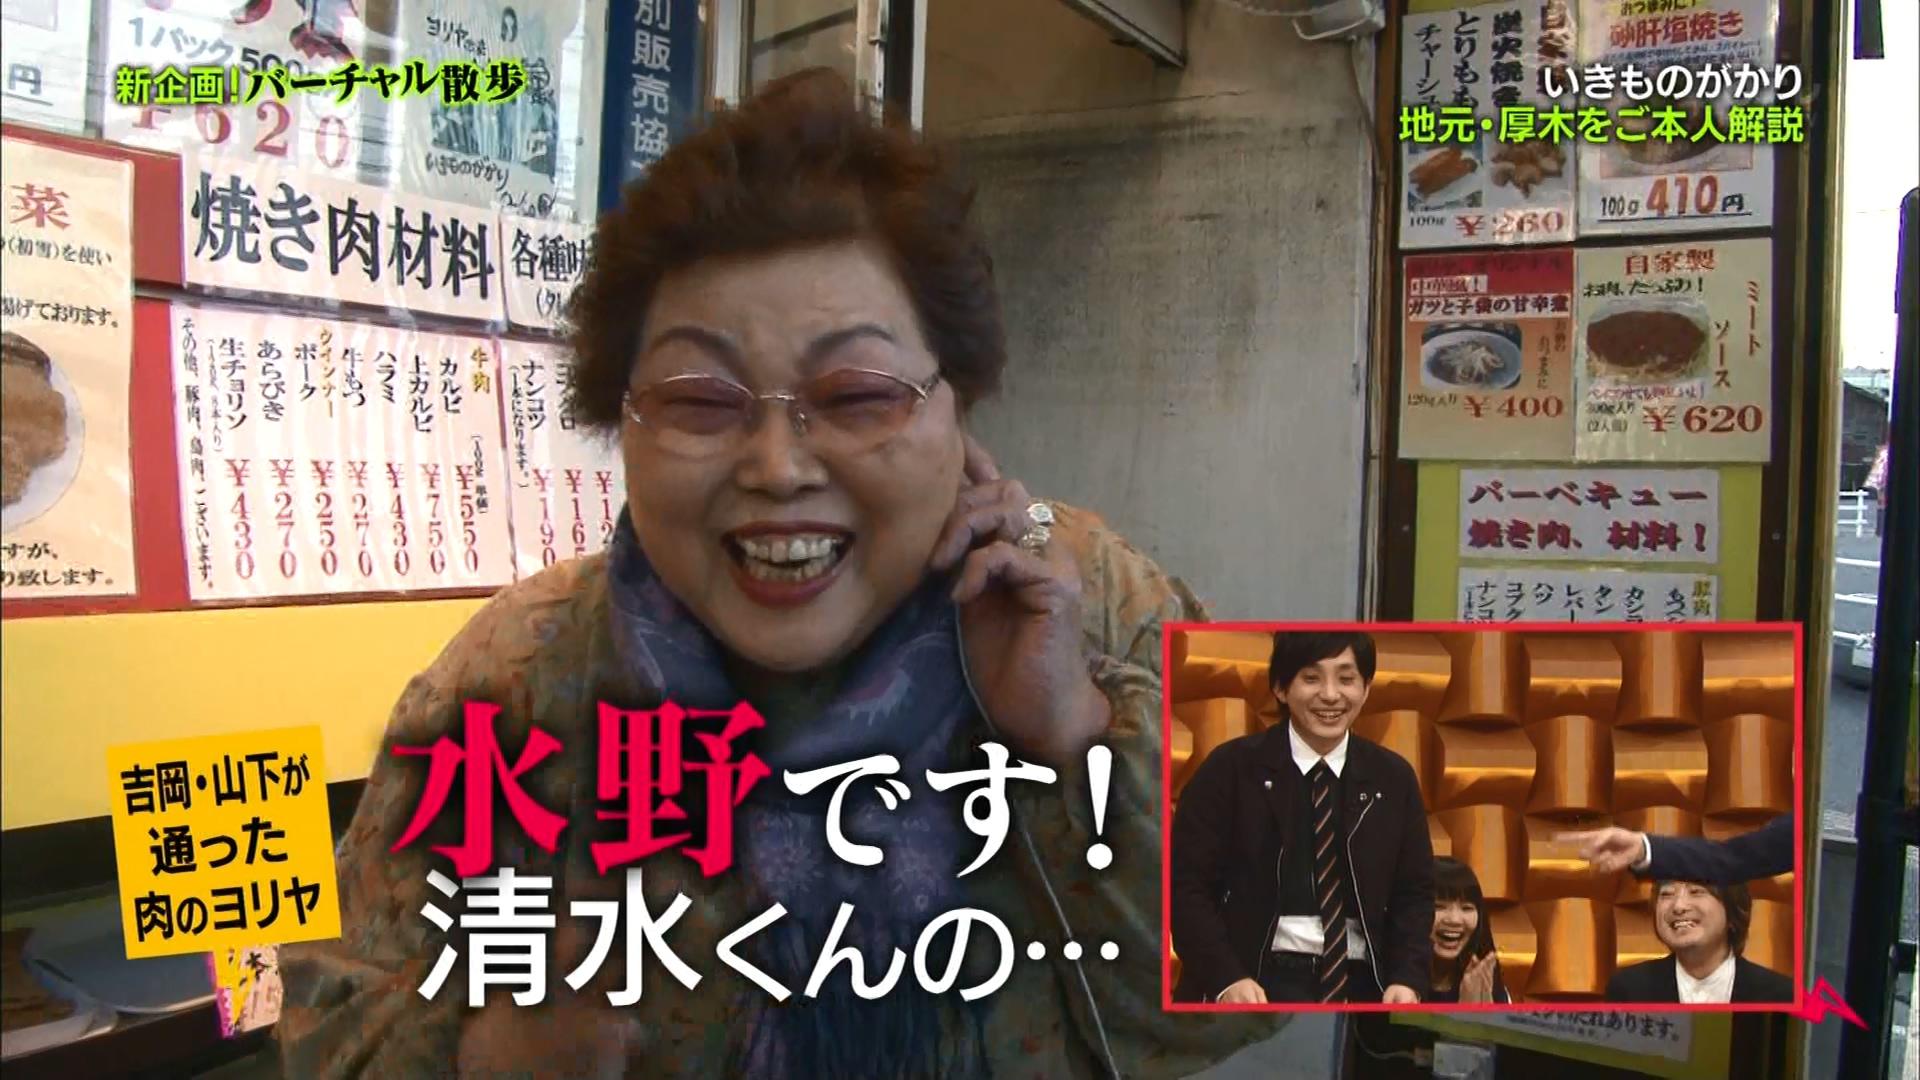 2016.03.11 全場(バズリズム).ts_20160312_015136.370